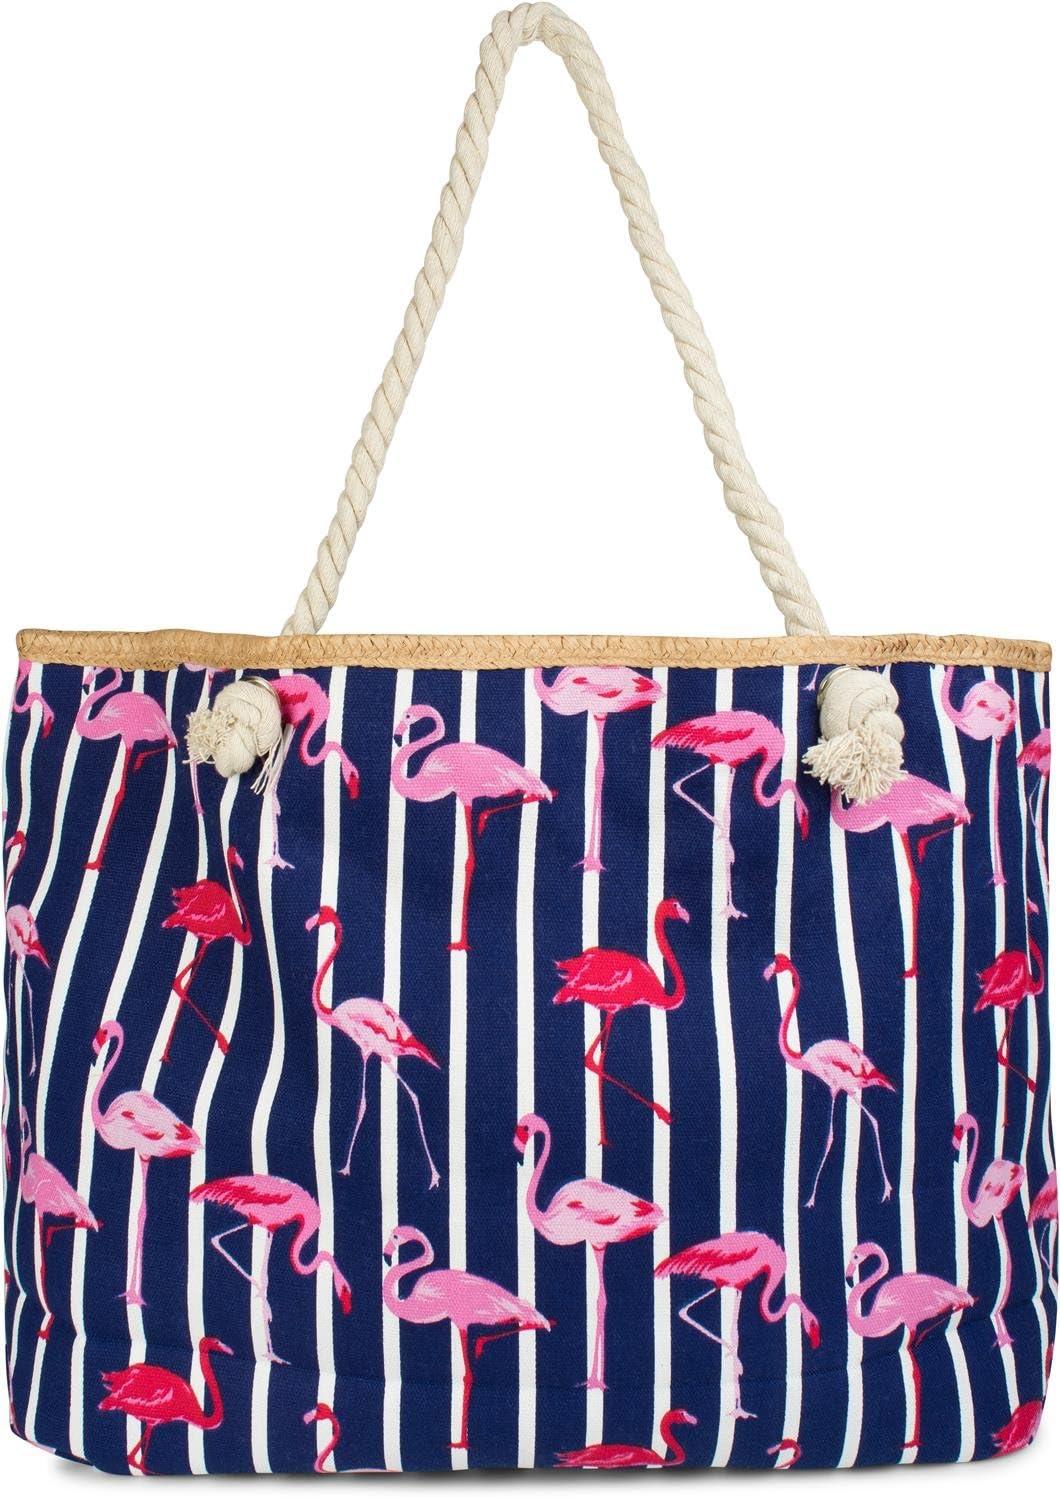 Color:Turquesa-Blanco Cremallera Bolso para Compras 02012287 Bolso de Hombro styleBREAKER Bolso para la Playa XXL de Mujer con Estampado de Rayas y Estampado frutal de sand/ías